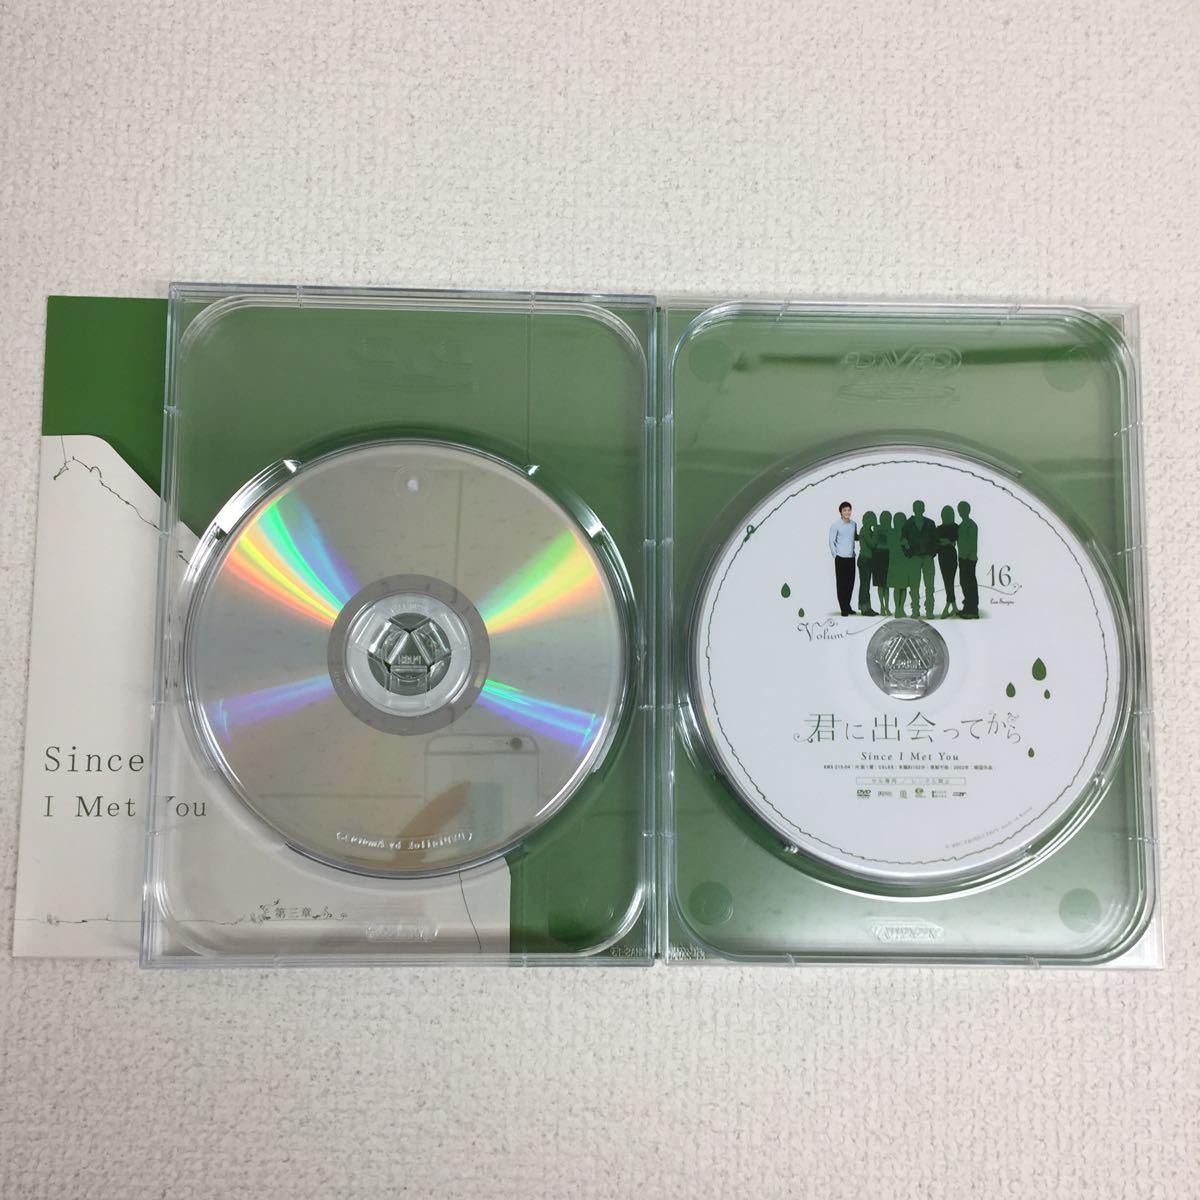 君に出会ってから 第三章 DVD-BOX 3 セル版 6枚組 韓国 ドラマ 韓流 日本語字幕 チョン・ソンジュ パク・ジョン リュ・シウォン_画像7